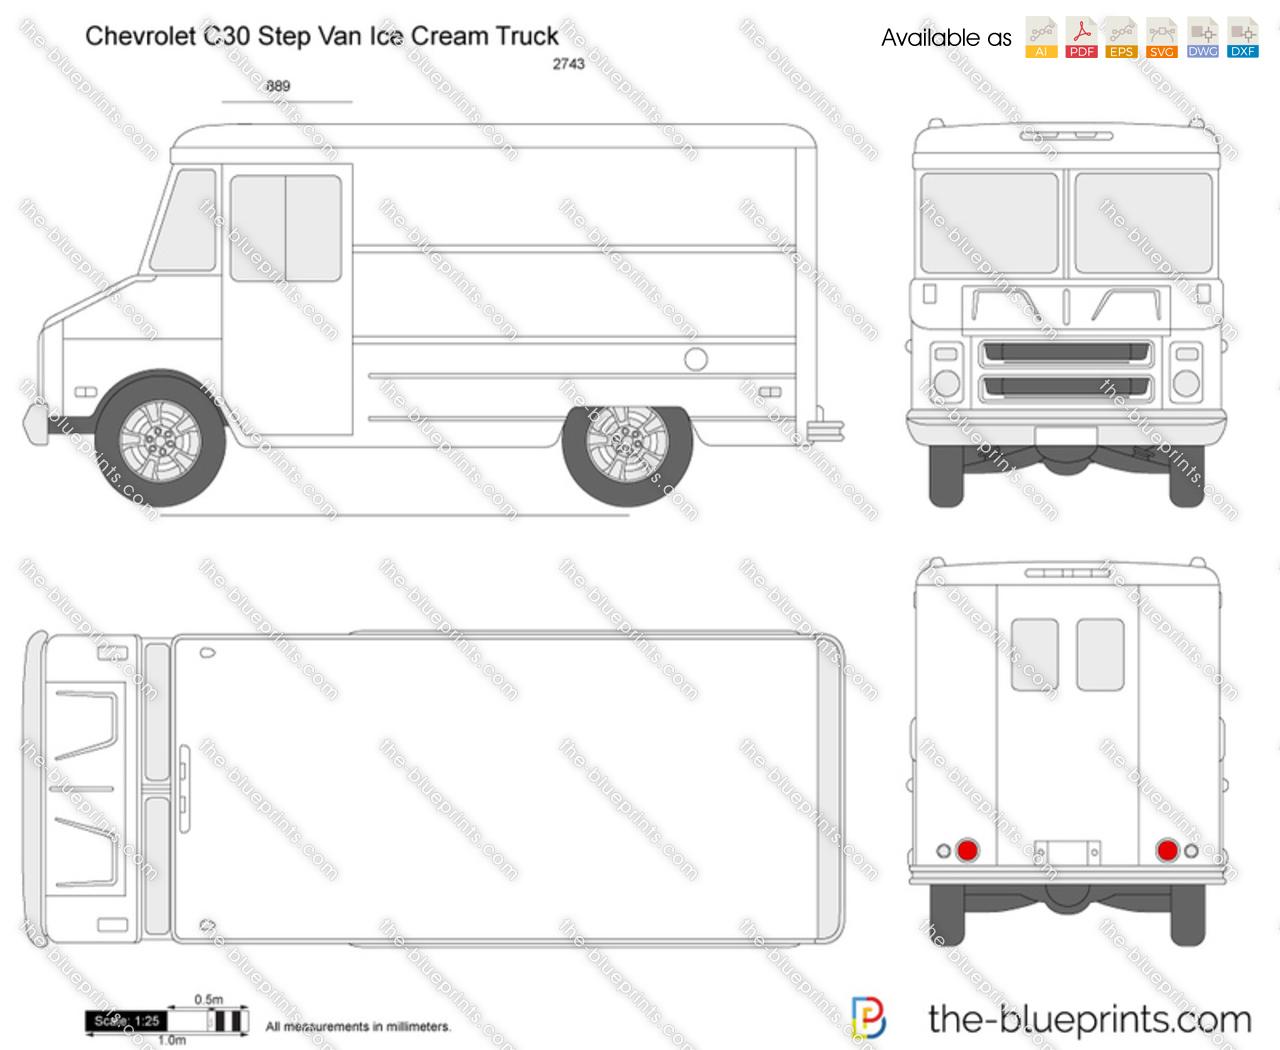 Chevrolet C30 Step Van Ice Cream Truck Vector Drawing